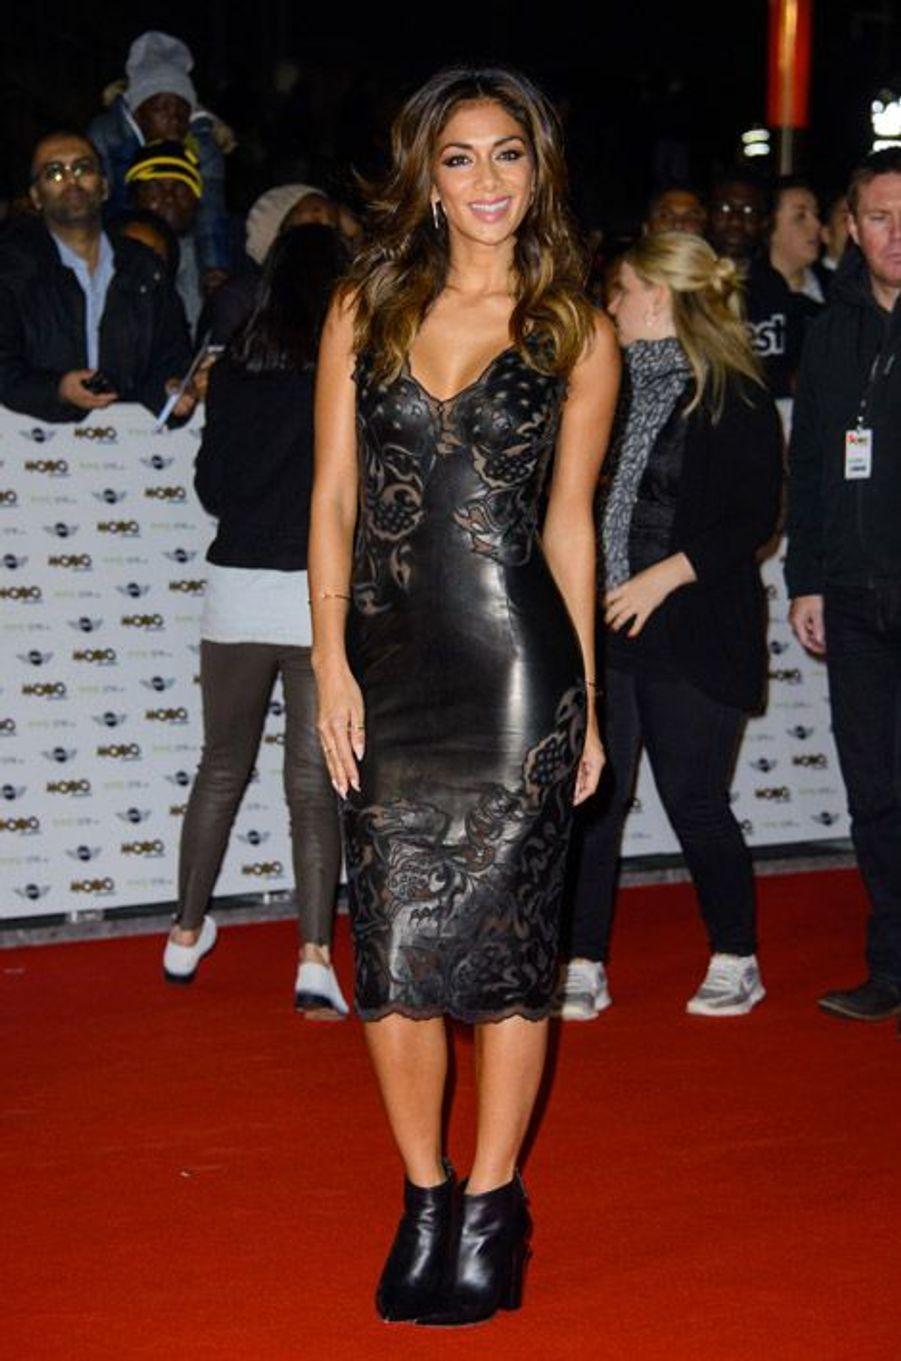 La chanteuse Nicole Scherzinger, 36 ans, porte une robe de sa collection Missguided, à Londres le 22 octobre 2014 pour les Mobo Awards